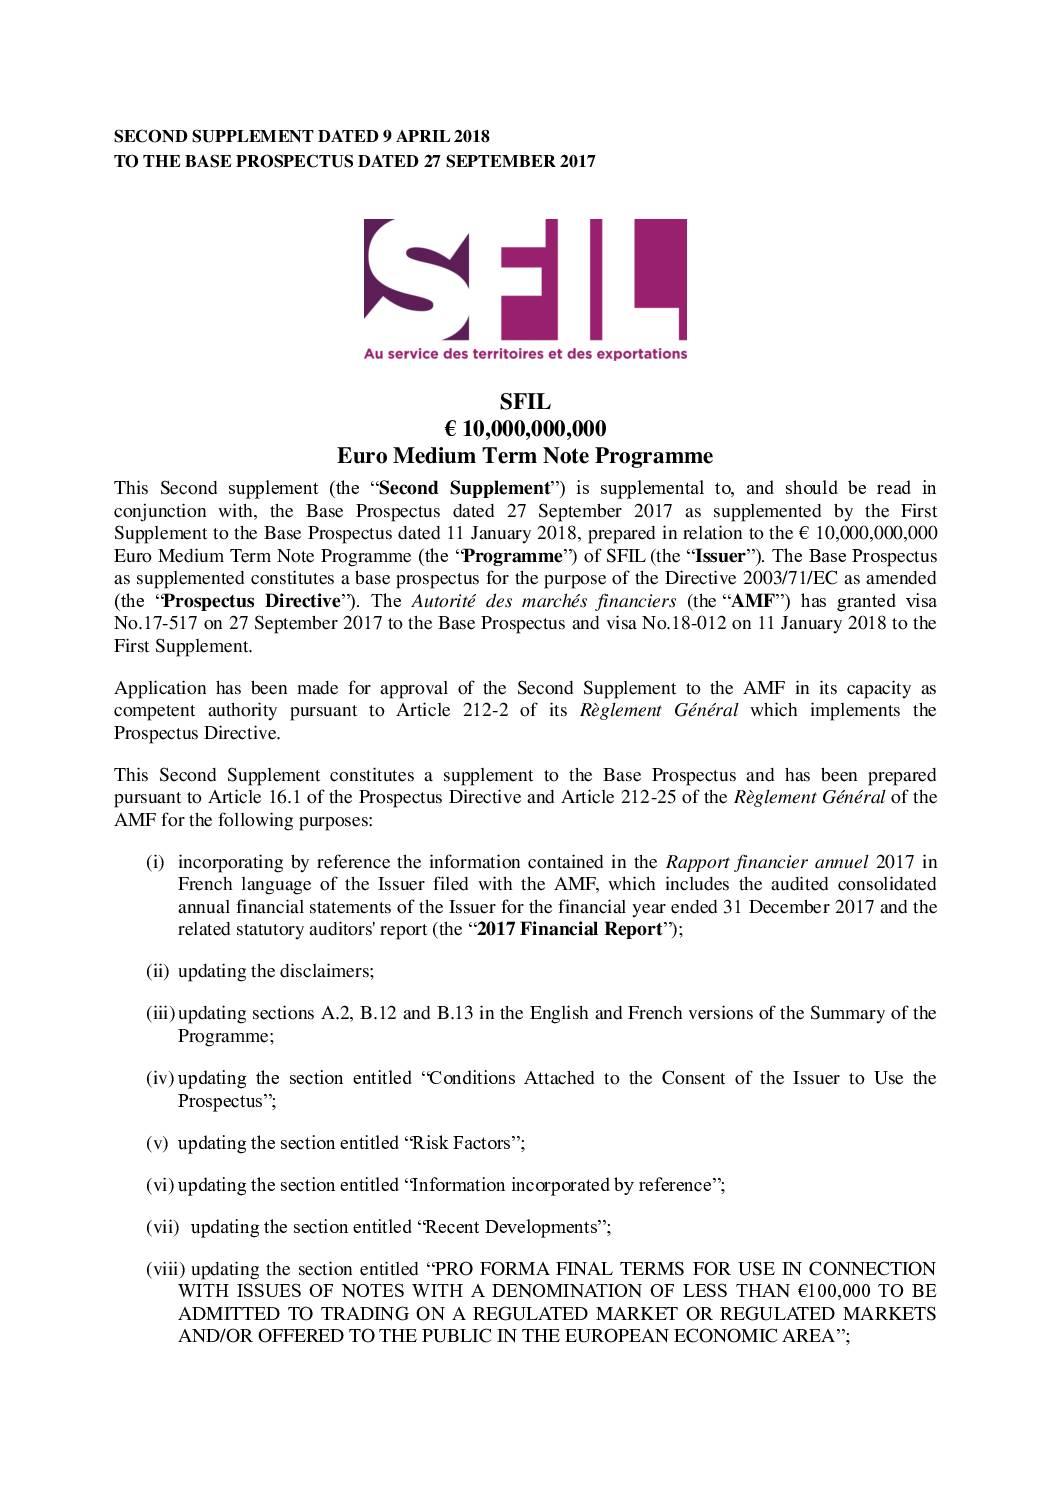 SUPPLEMENT 2 EMTN SFIL-1